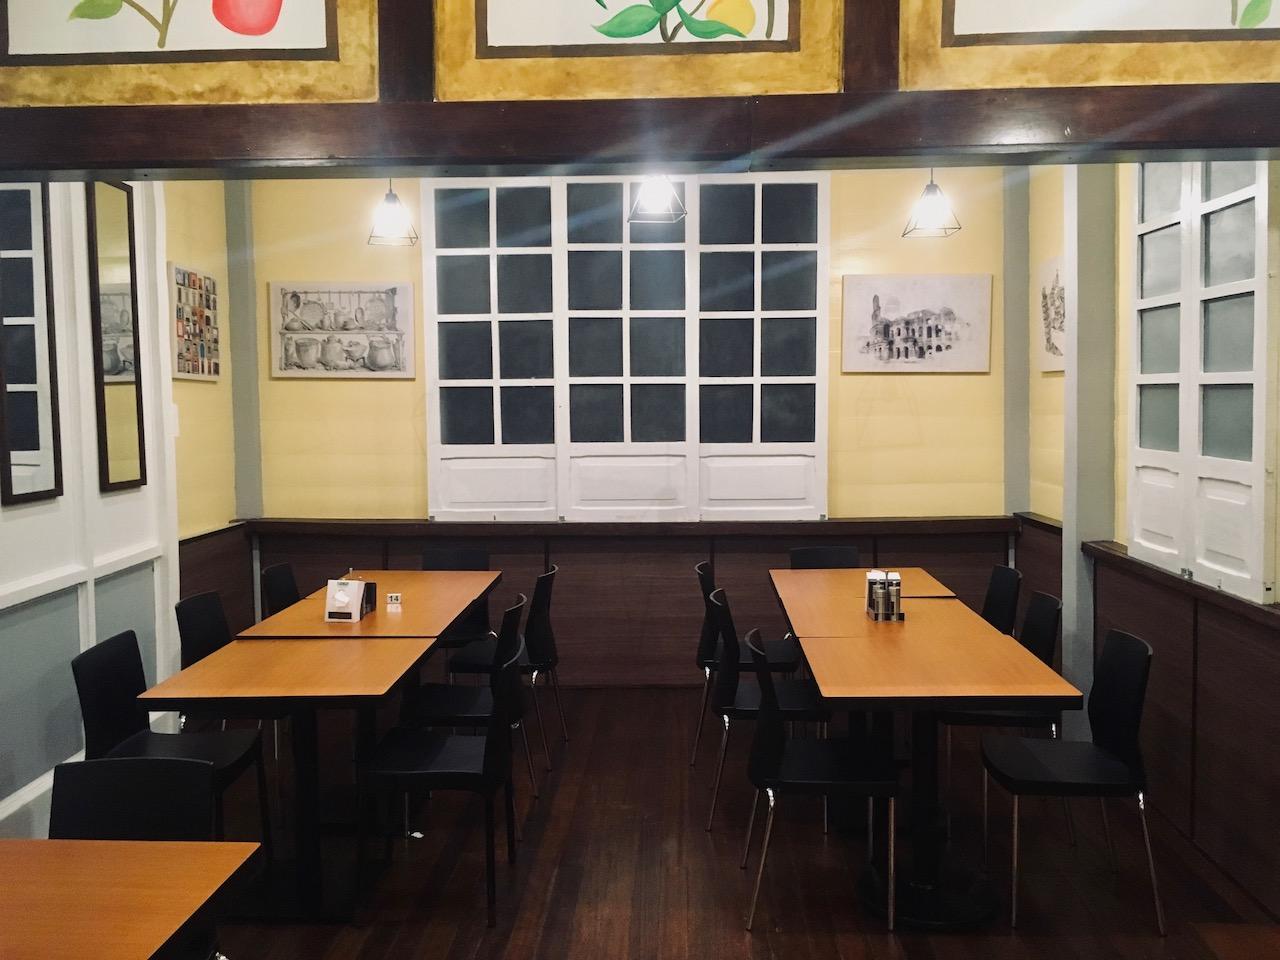 UrChoice Bistro Cafeの座席